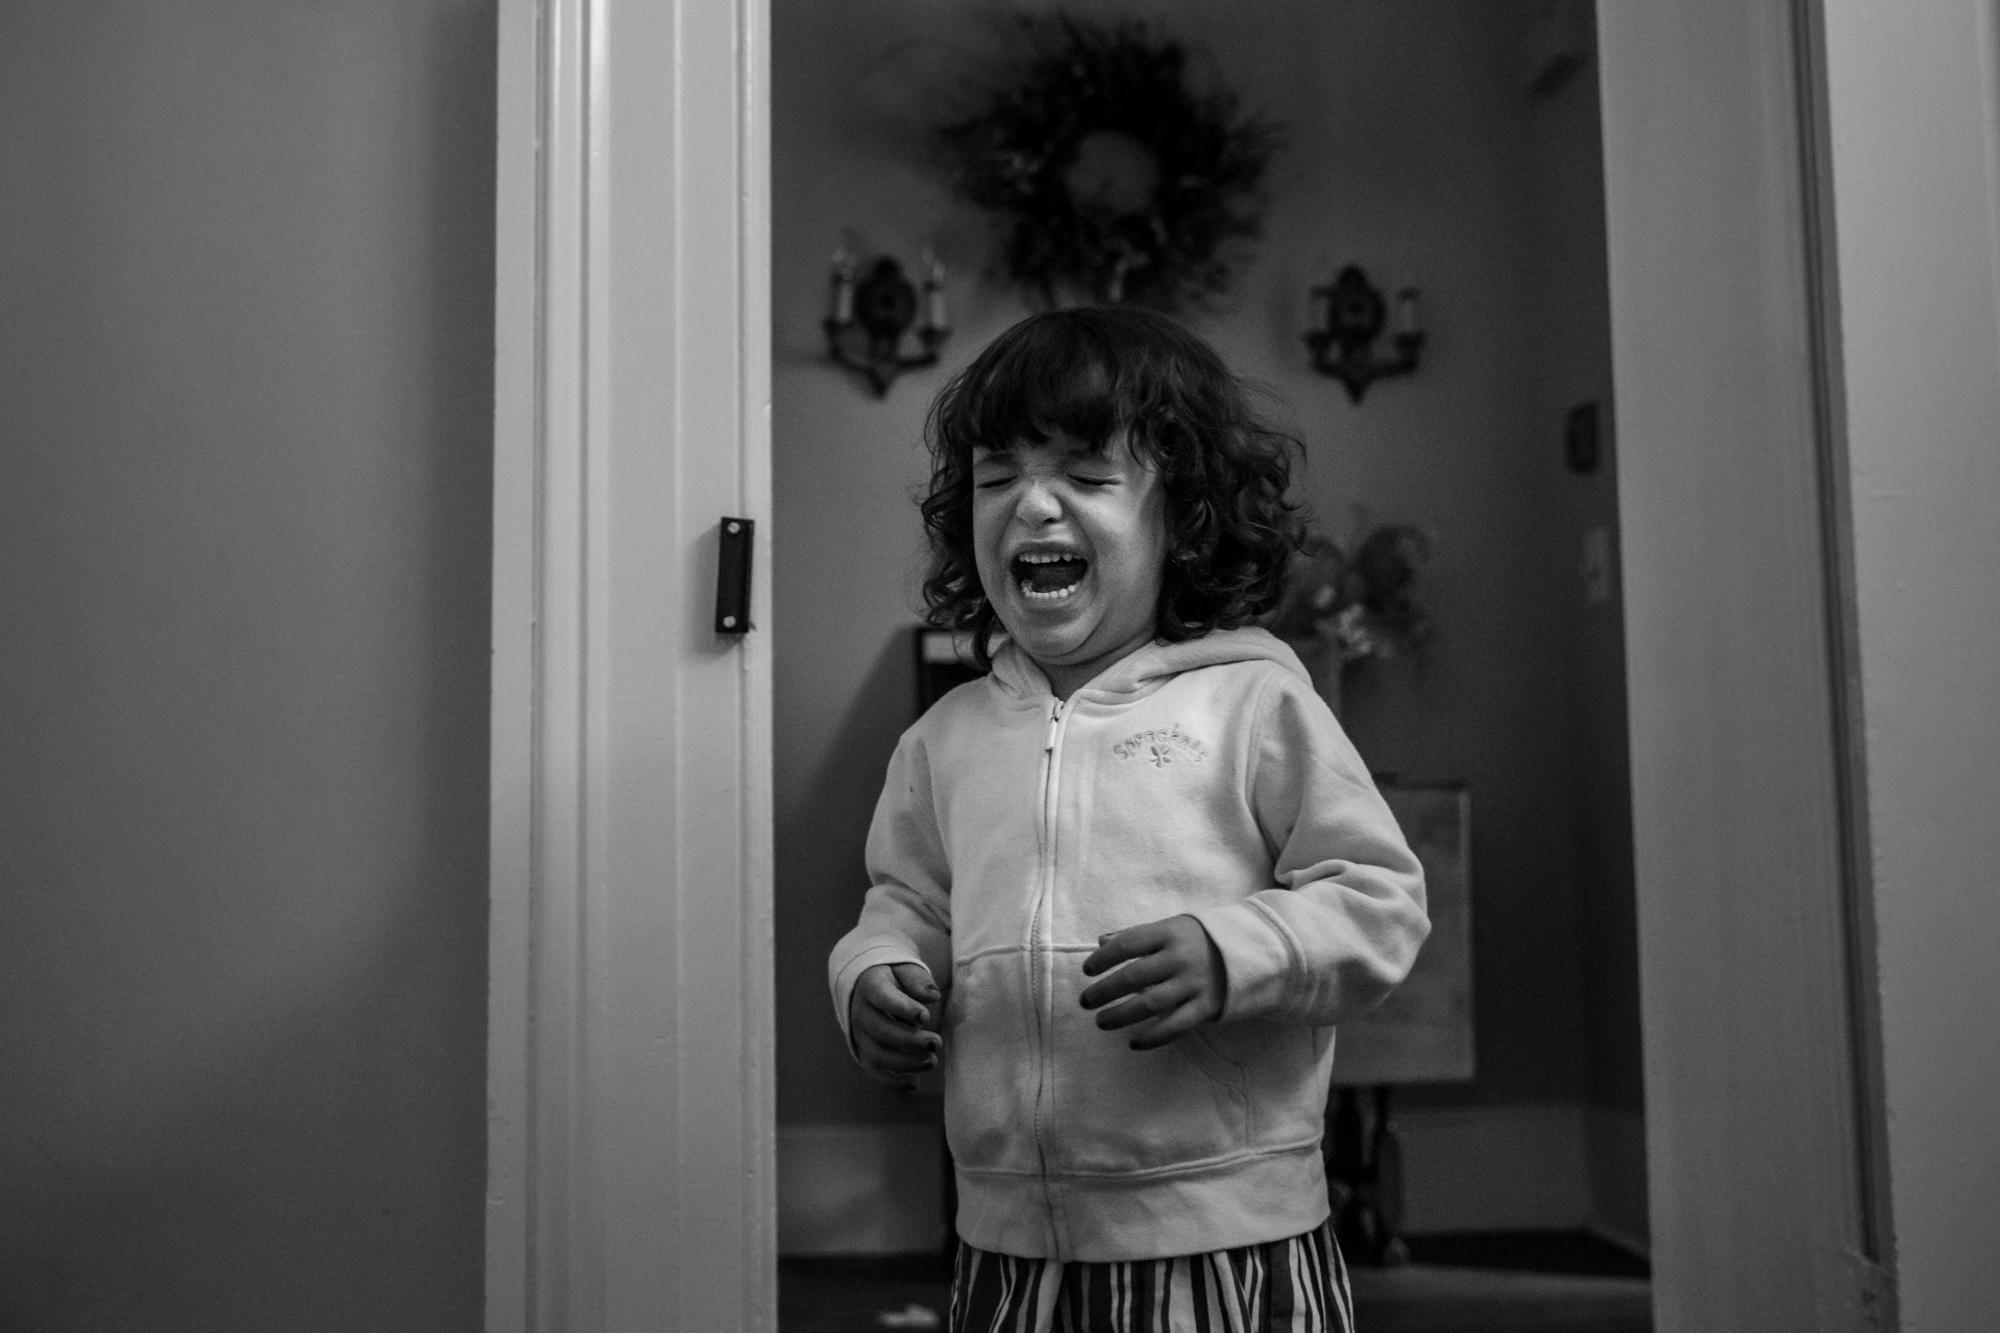 Girl cries in doorway